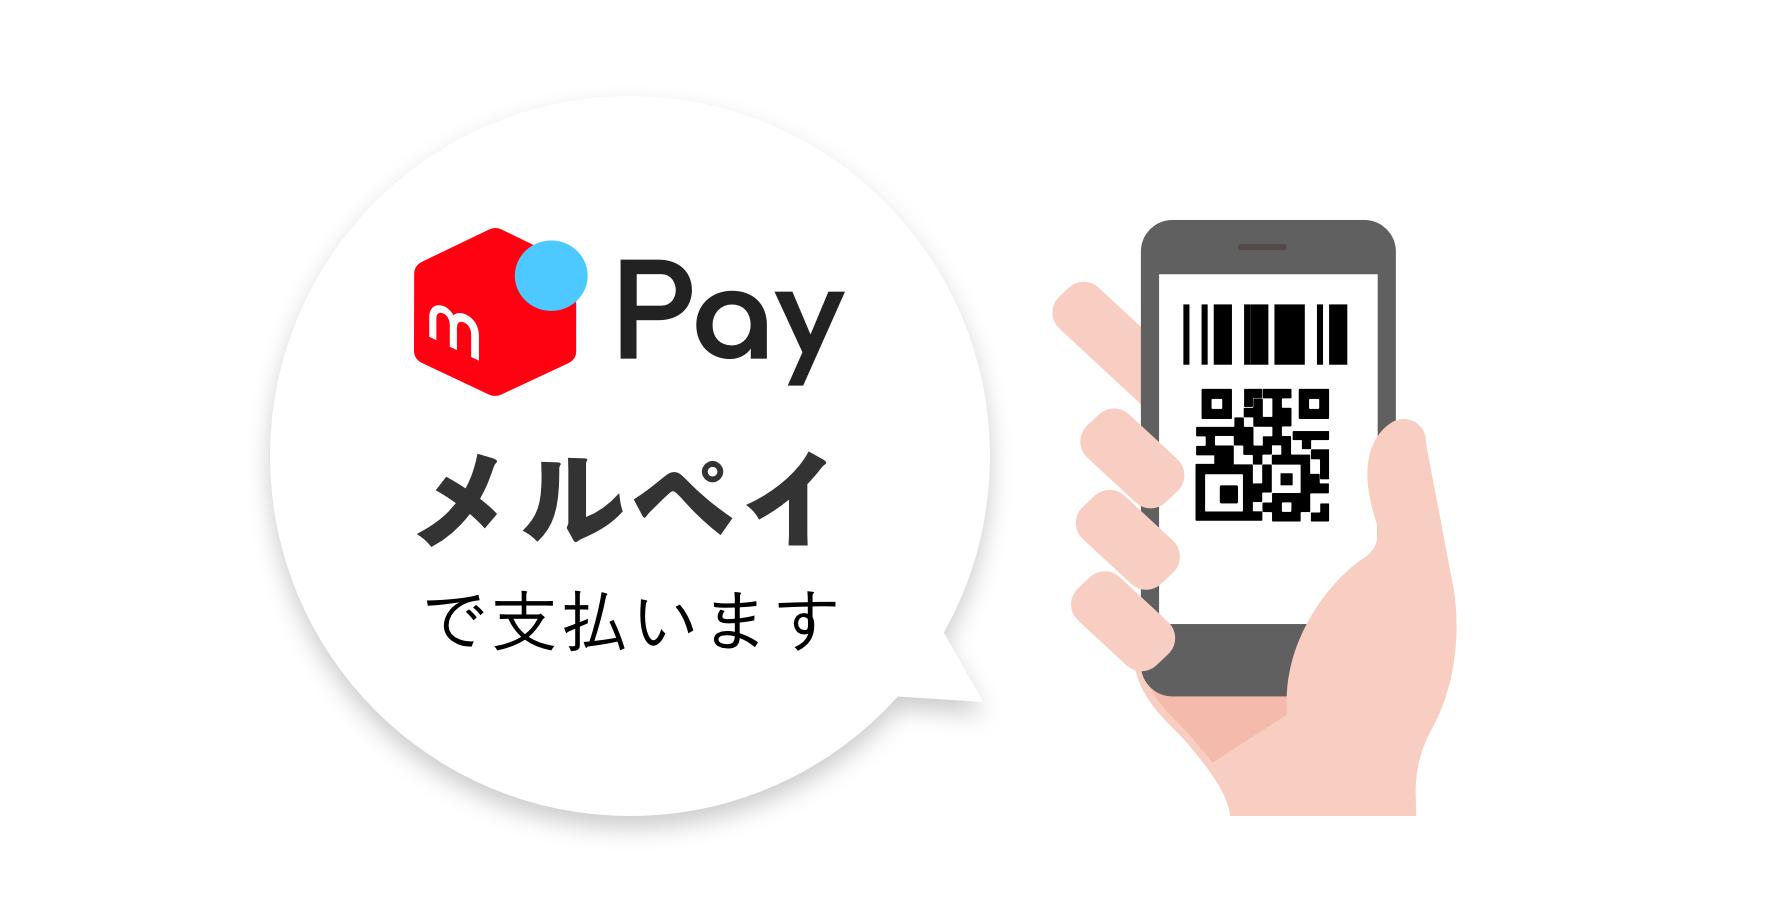 【新機能のお知らせ】スマホ決済「メルペイ」にコード払い機能が登場!